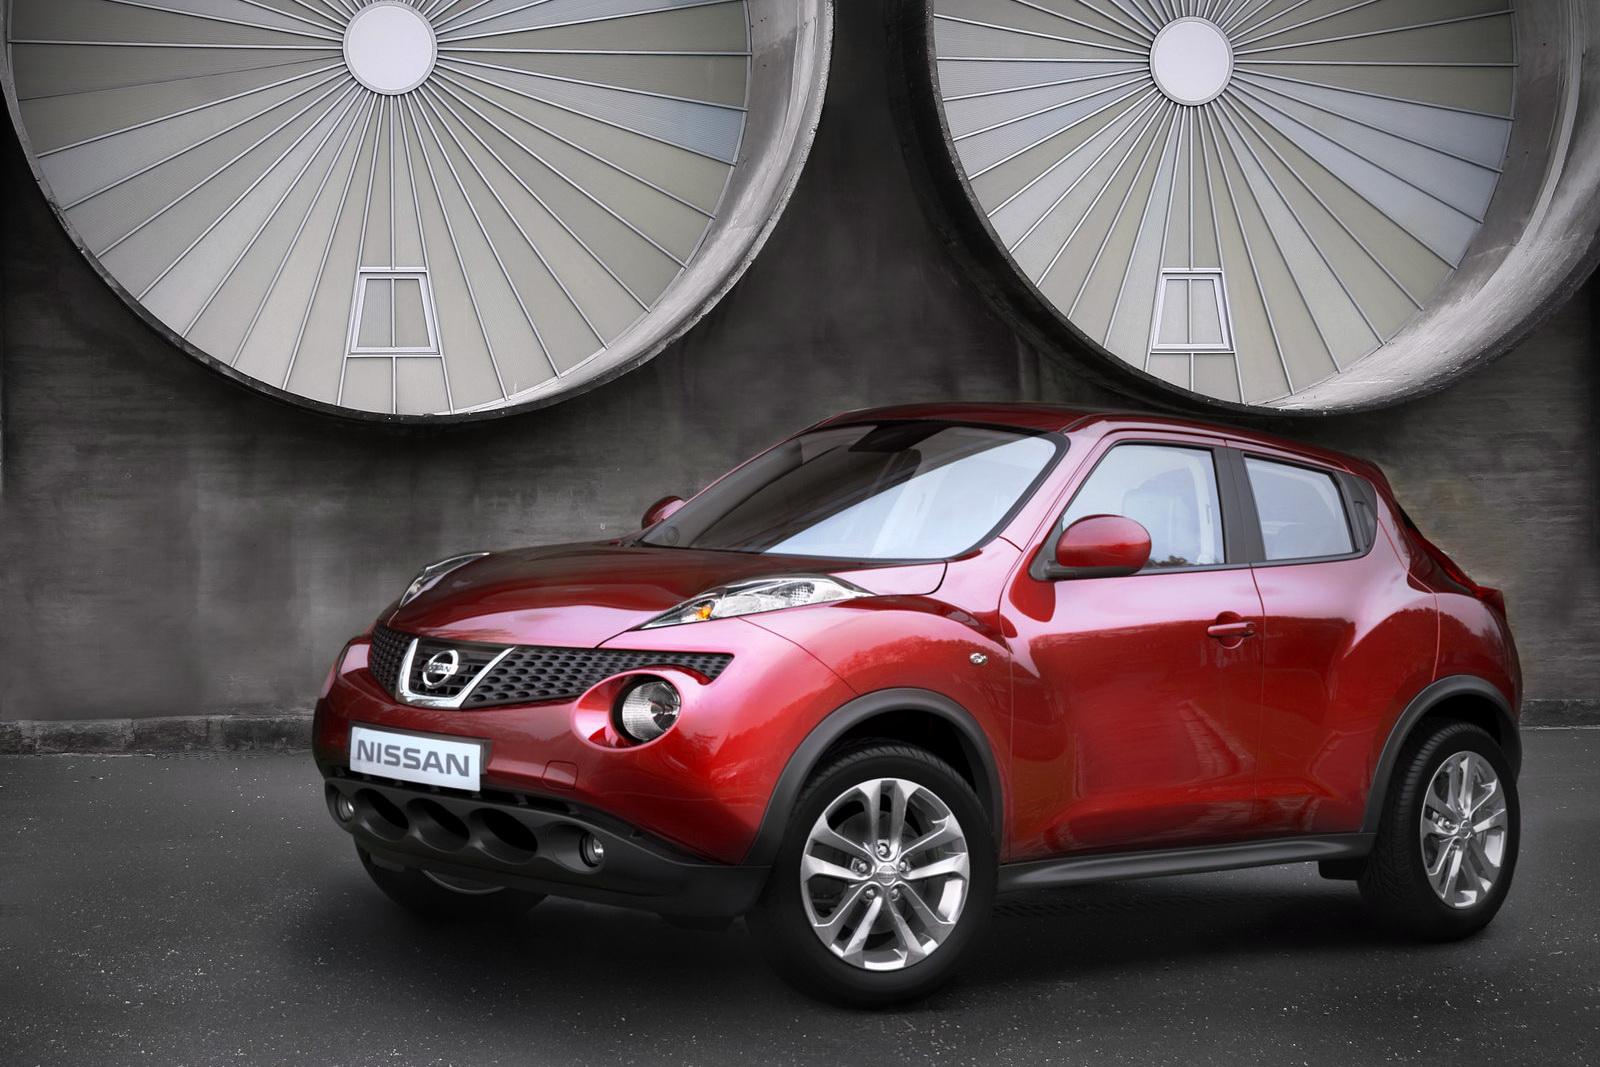 Ricerche sul web: le opinioni sulla Nissan Juke Nissan Recensioni